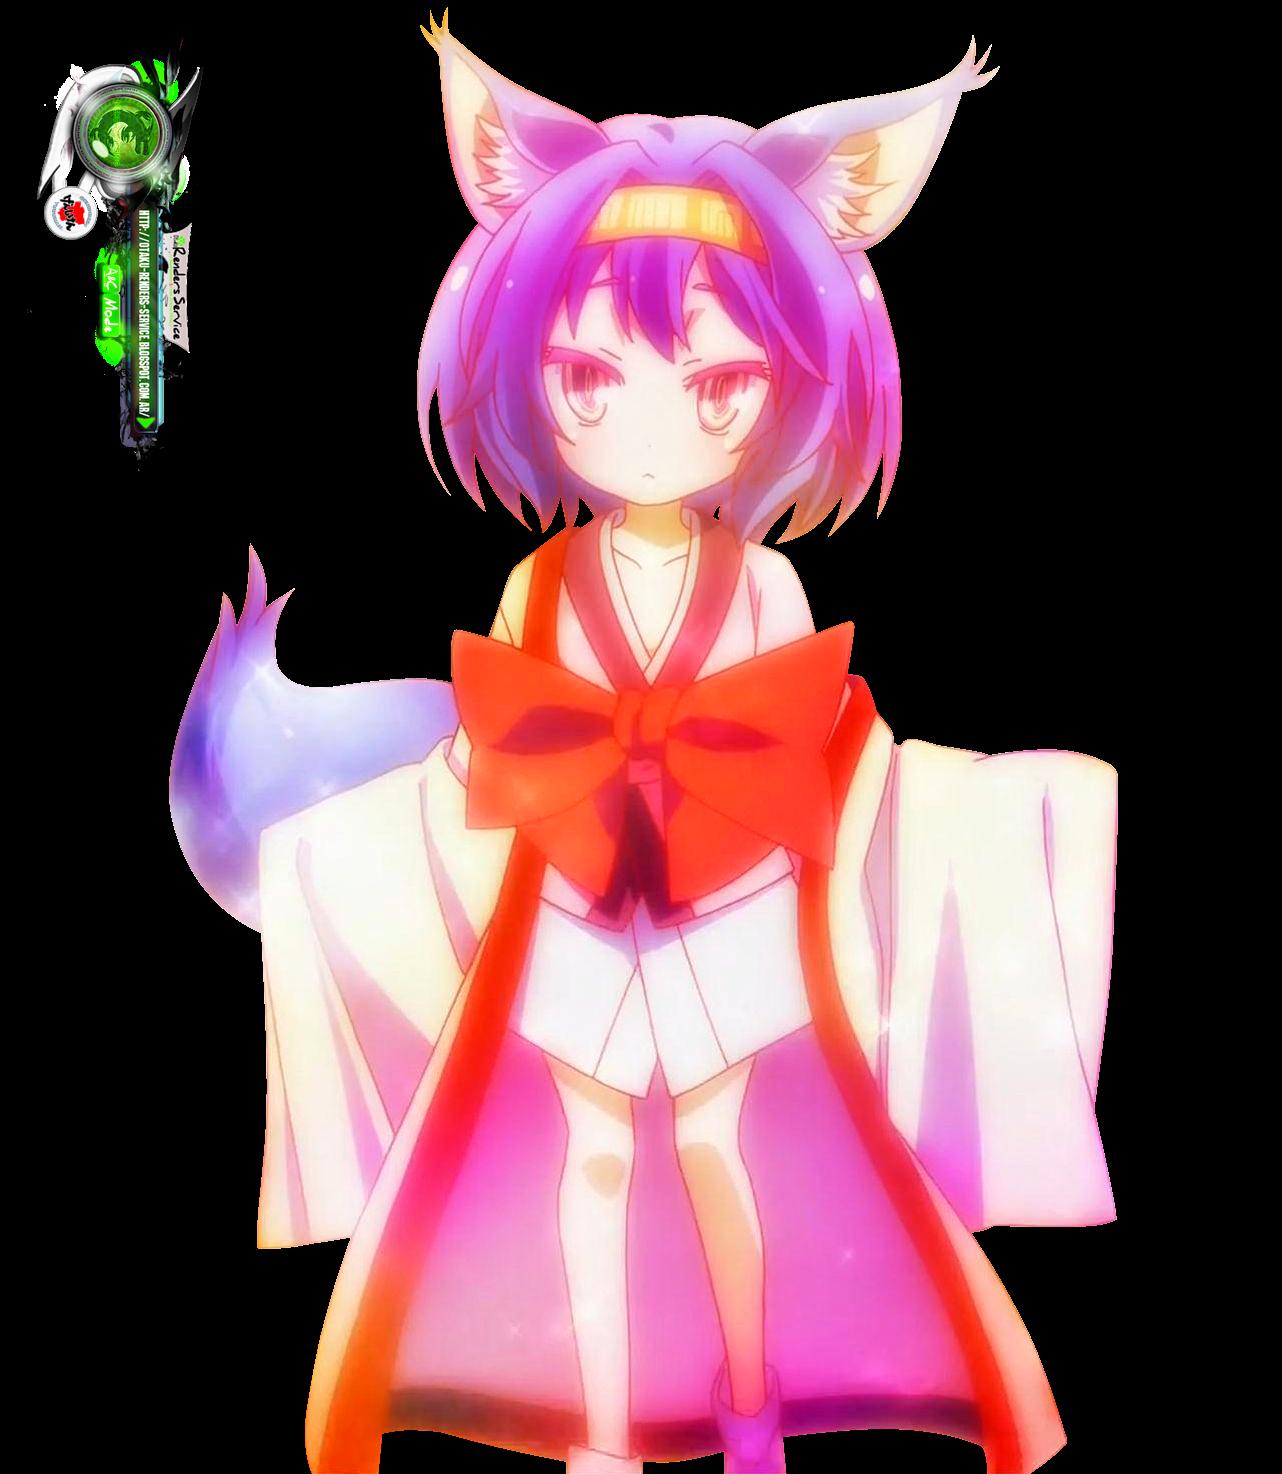 No Game No Life Izuna Hyper Cute Preview Render Ors